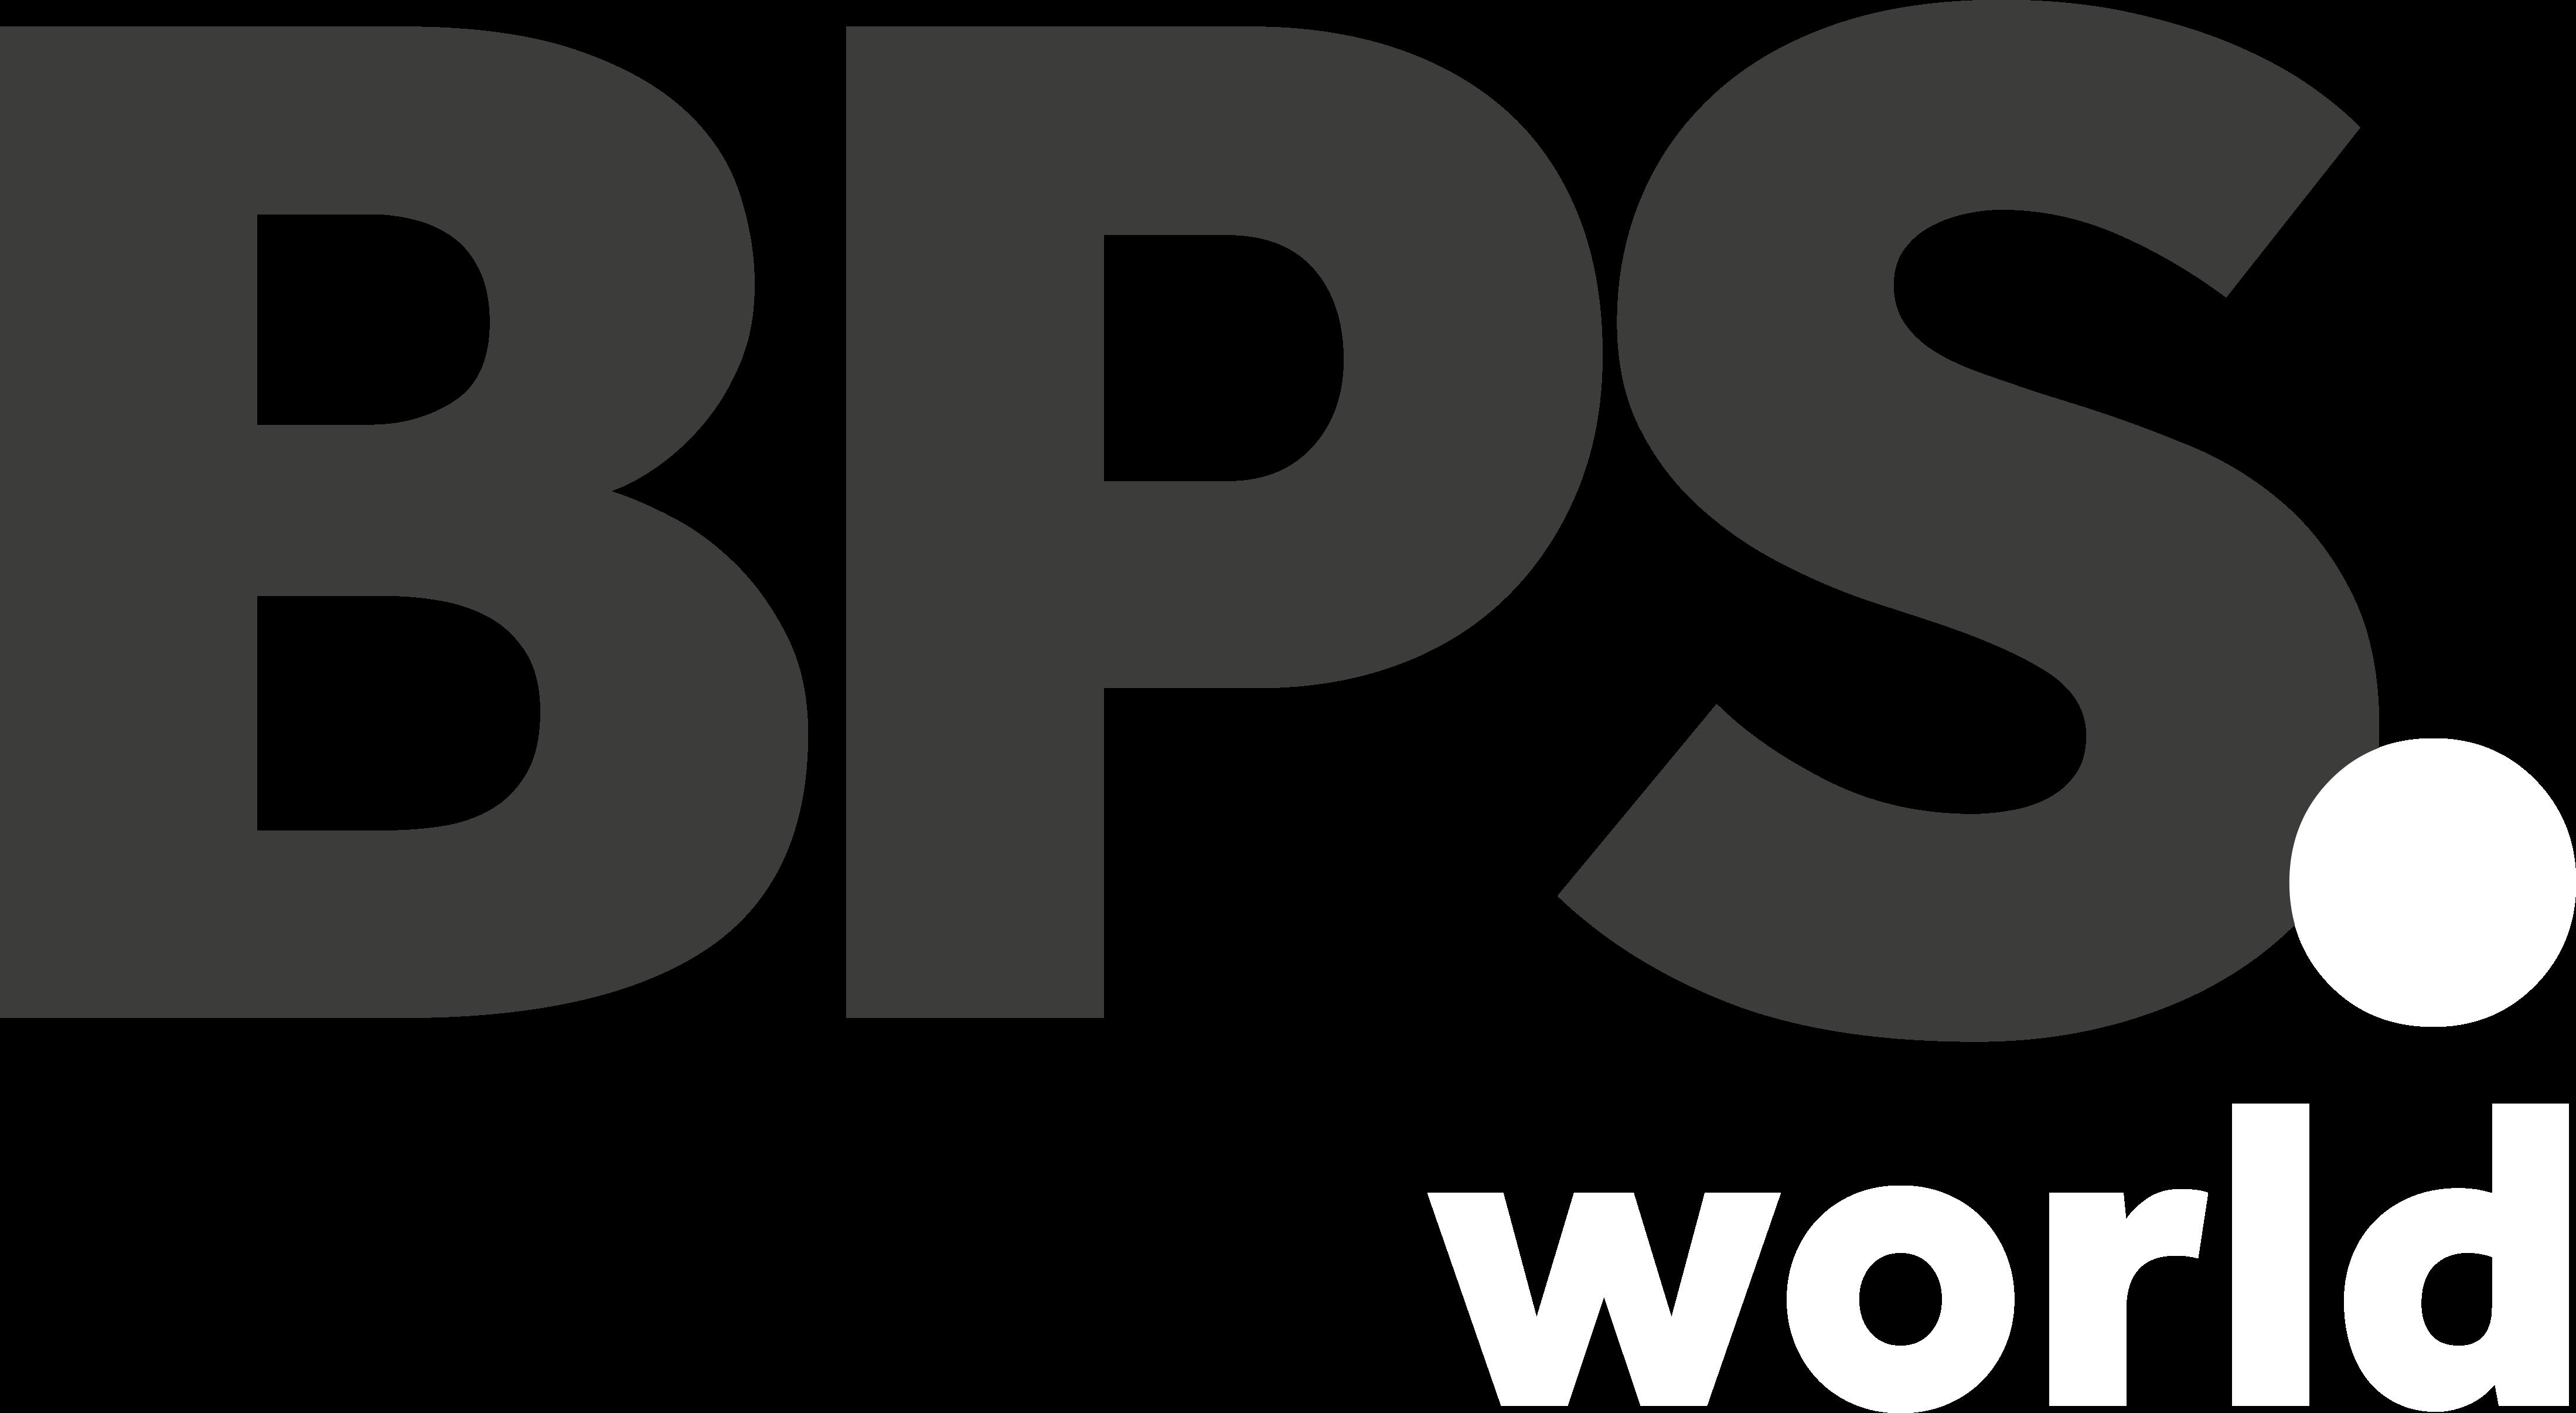 bps_world_logo-3